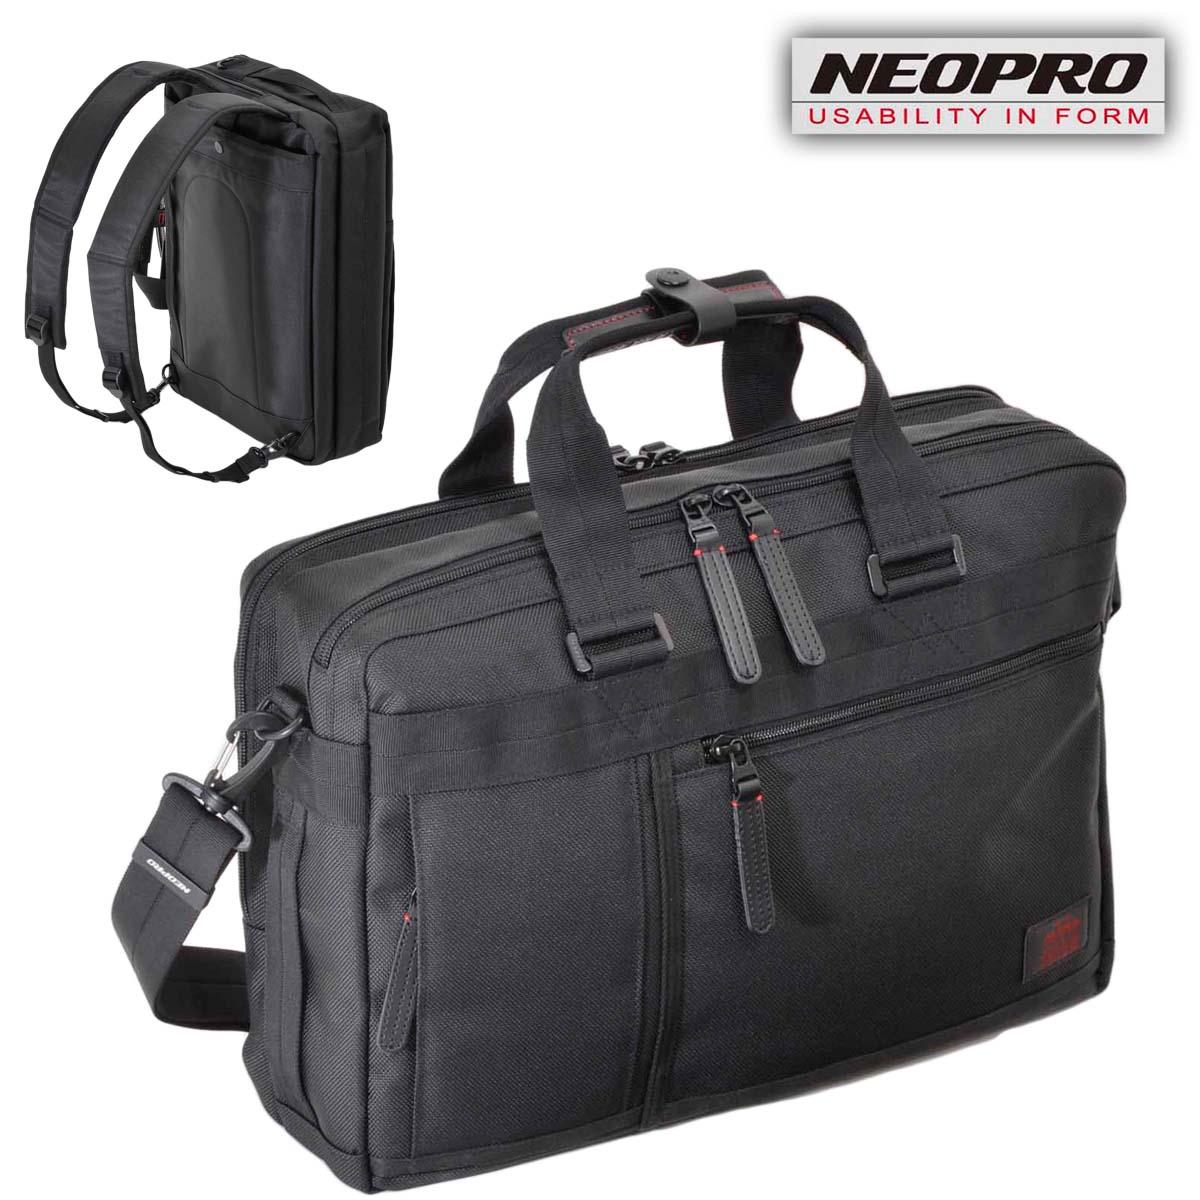 ビジネスバッグ NEOPRO RED ネオプロ No:2-039 縦型 3Way 仕訳の楽な2ルーム仕様 メンズ レディース A4 ファイル ノートPC 対応 軽量 多機能 自転車 通勤 通学 就活 エンドー鞄